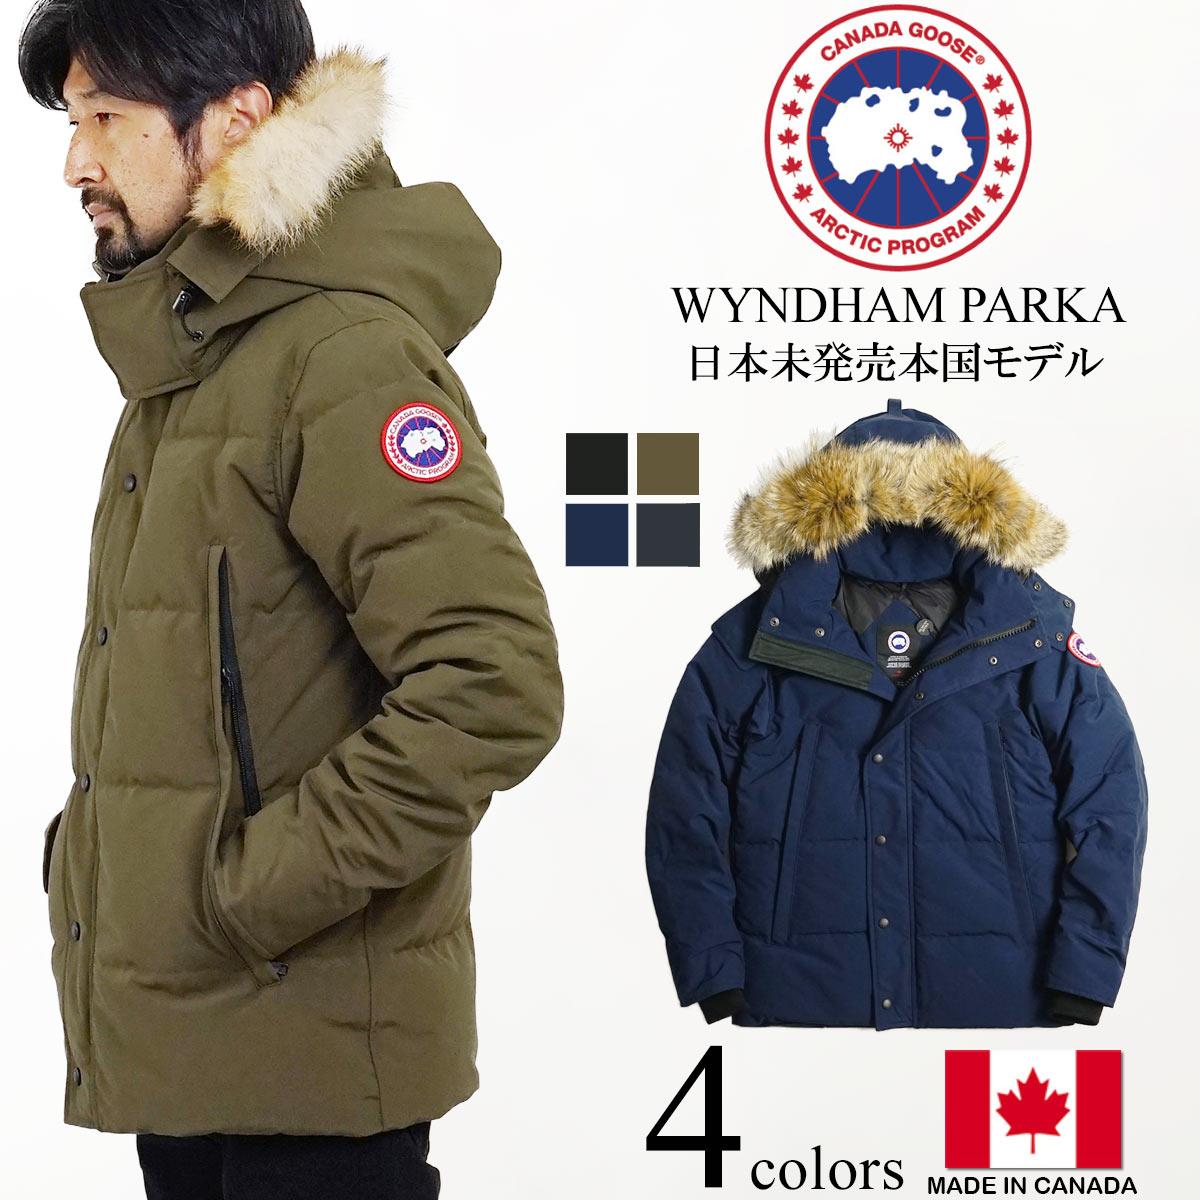 カナダグース CANADA GOOSE ウィンダムパーカー 本国モデル (メンズ XS-XL 代理店未扱いモデル WYNDHAM PARKA ダウンジャケット)